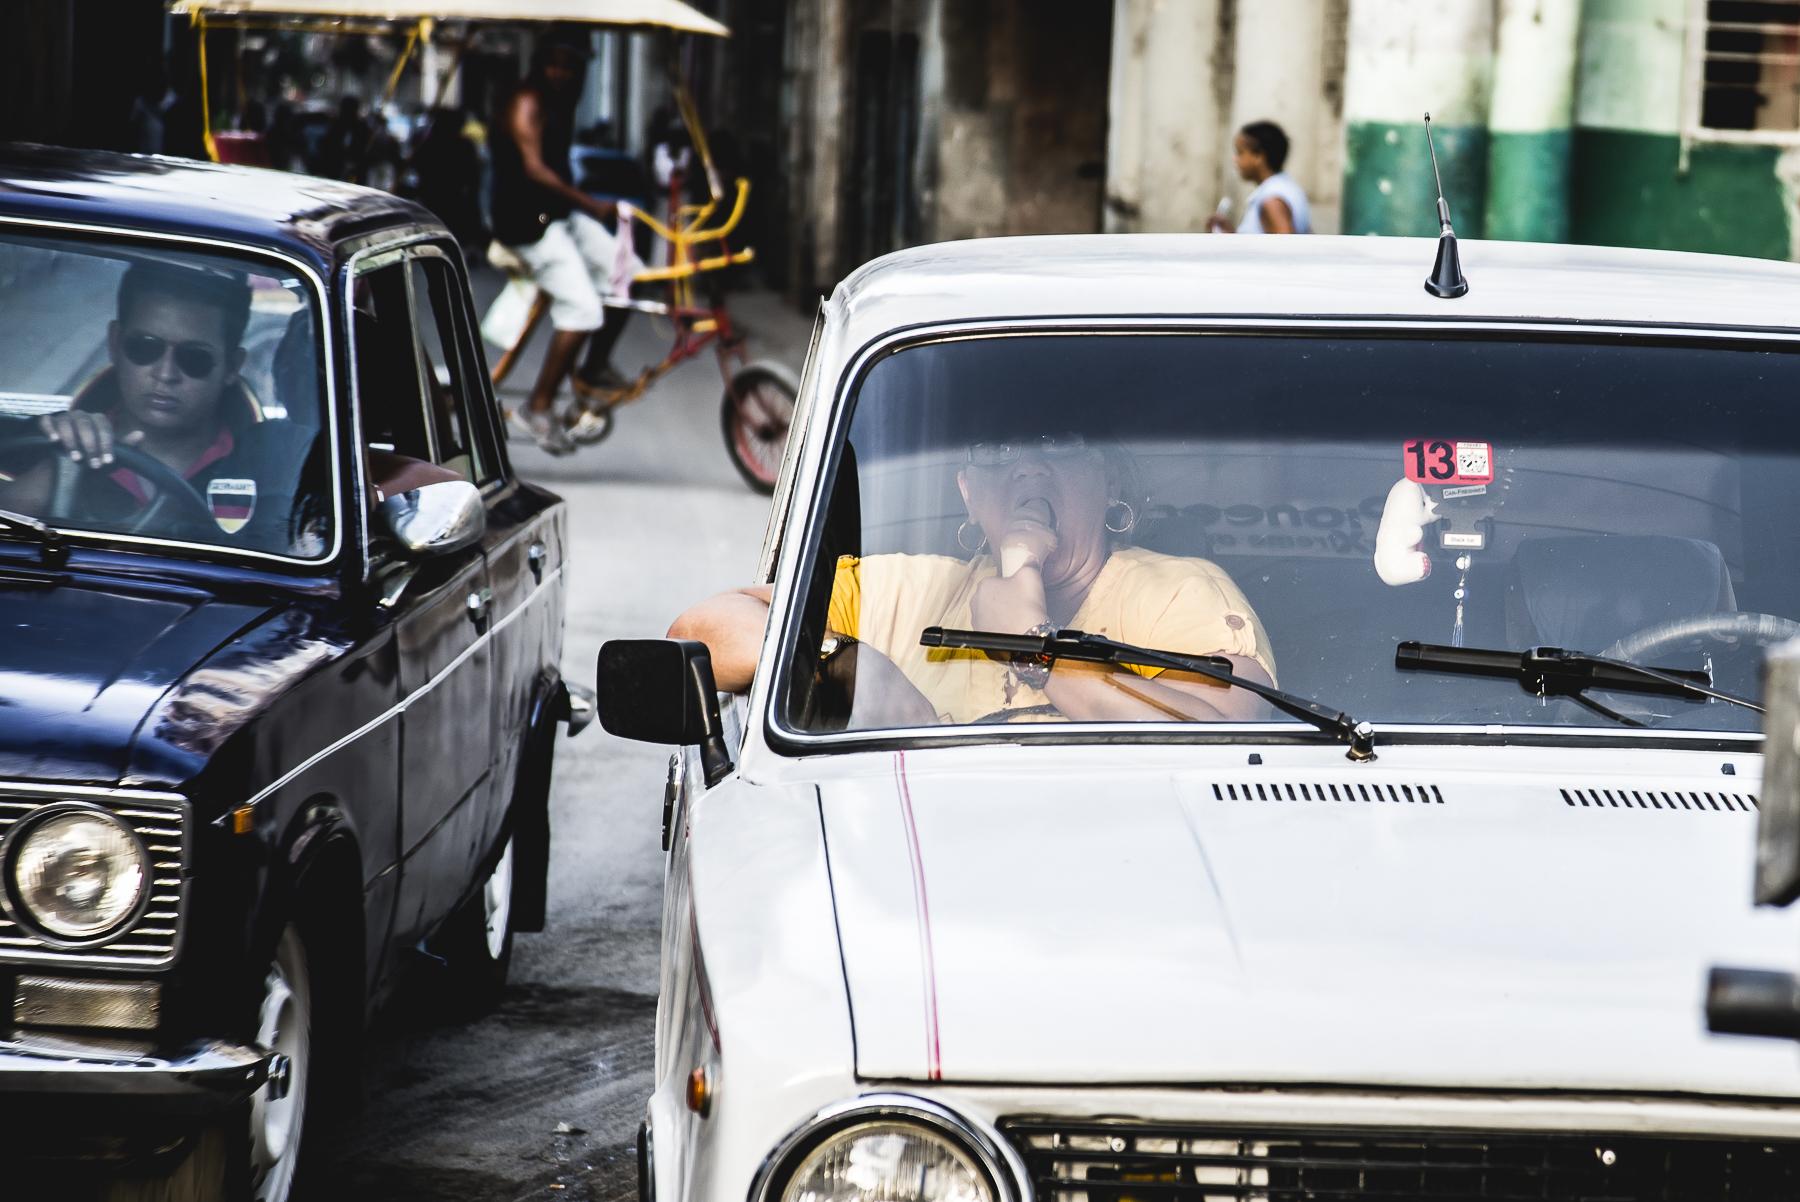 Coches en La Habana, Cuba / Zaragoza Walkers /streetphoto, fotografía callejera